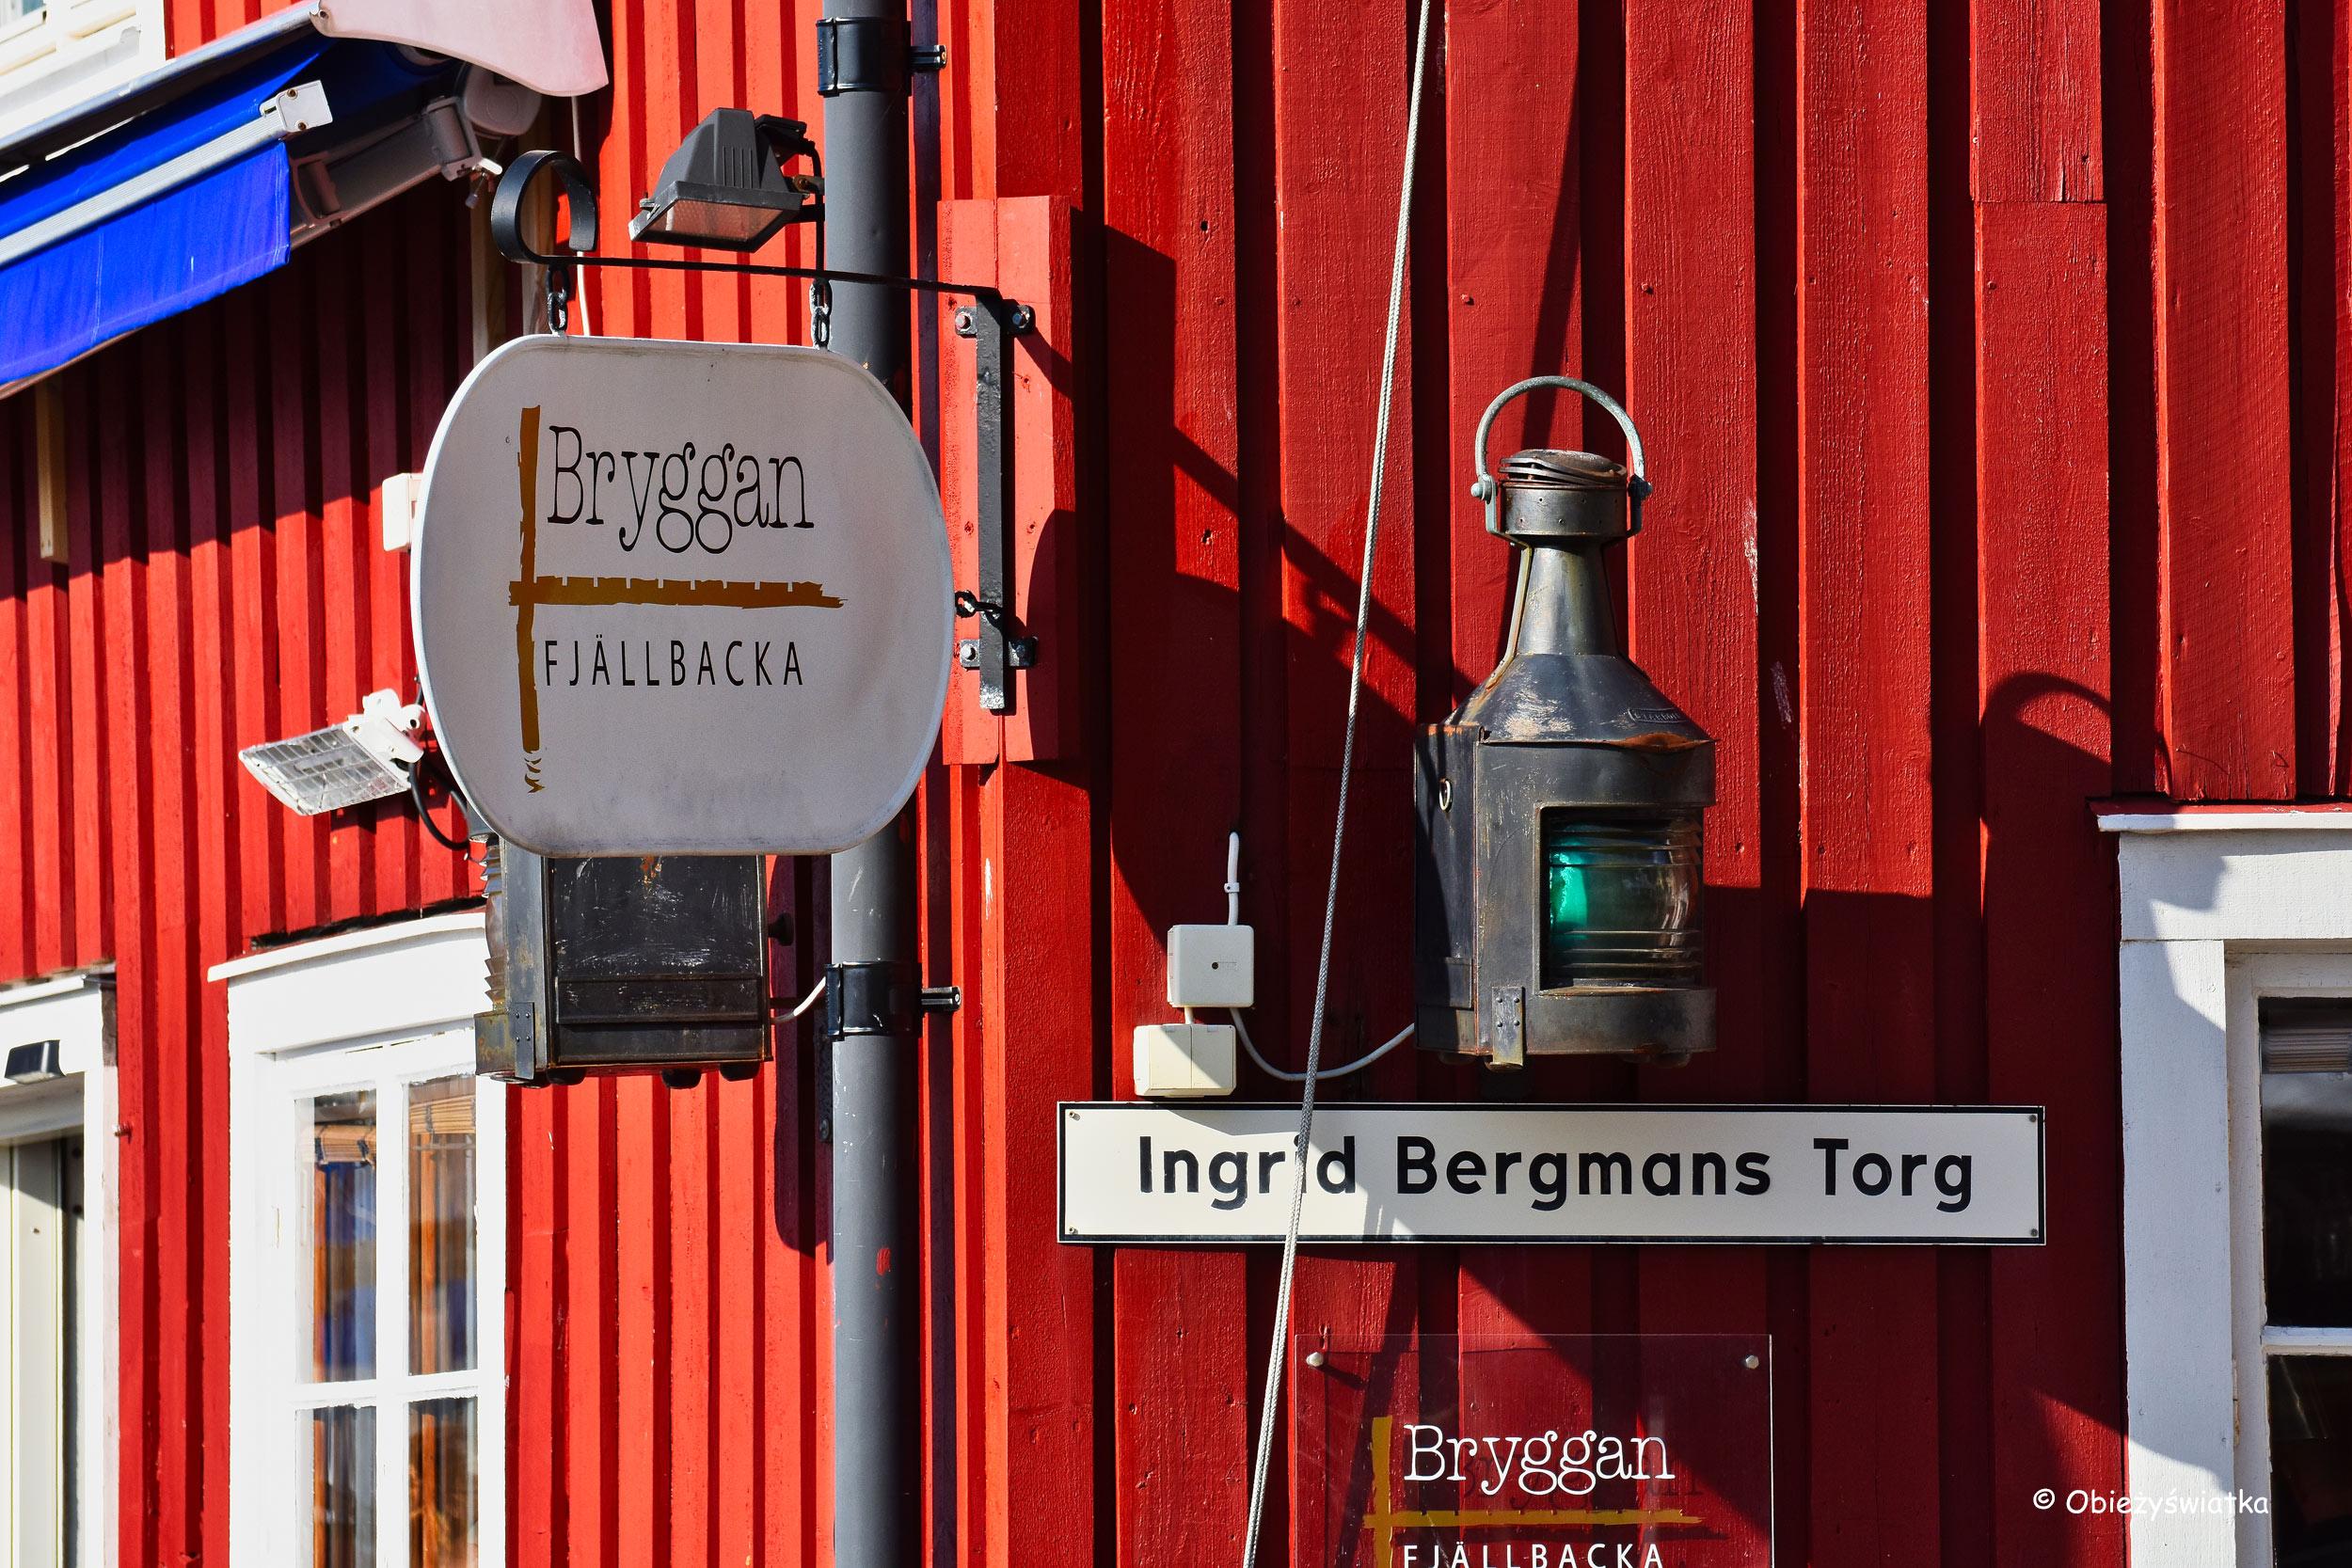 Fjällbacka - Plac Ingrid Bergman